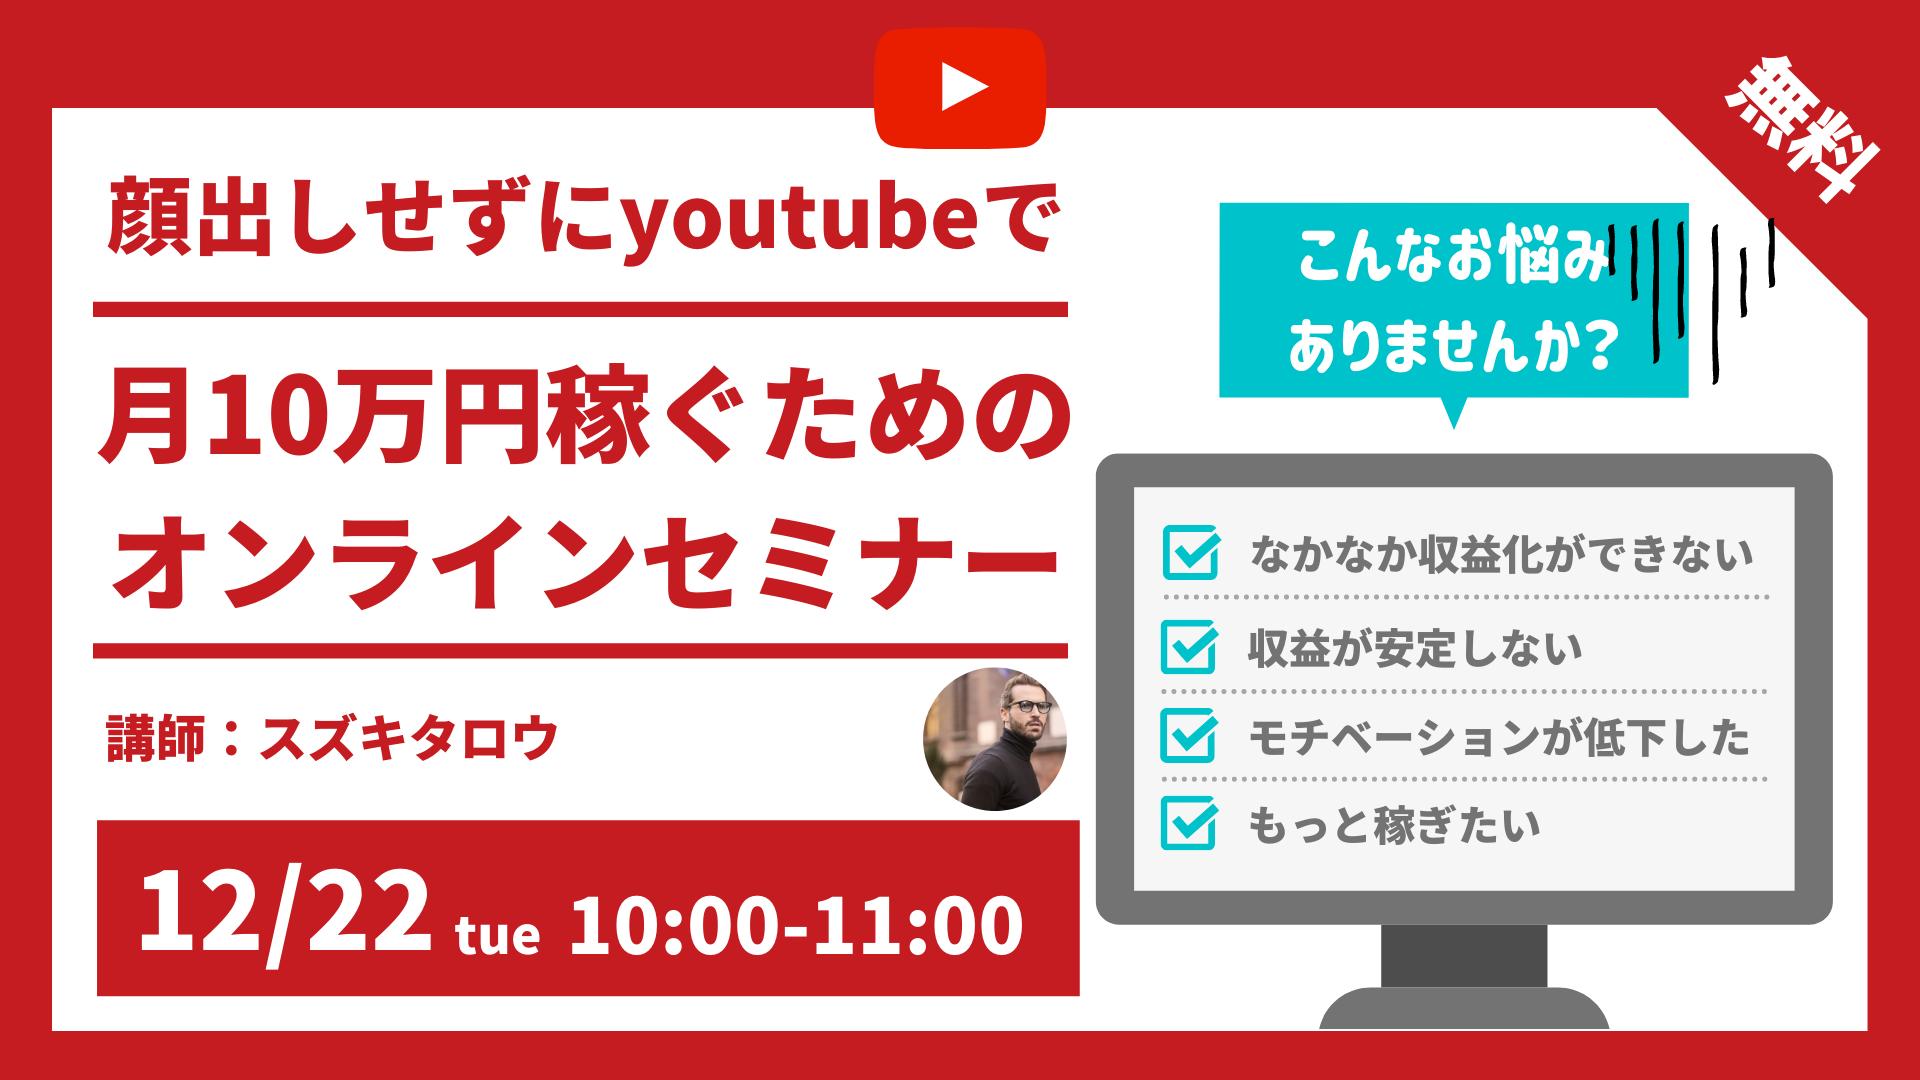 dsc-youtube